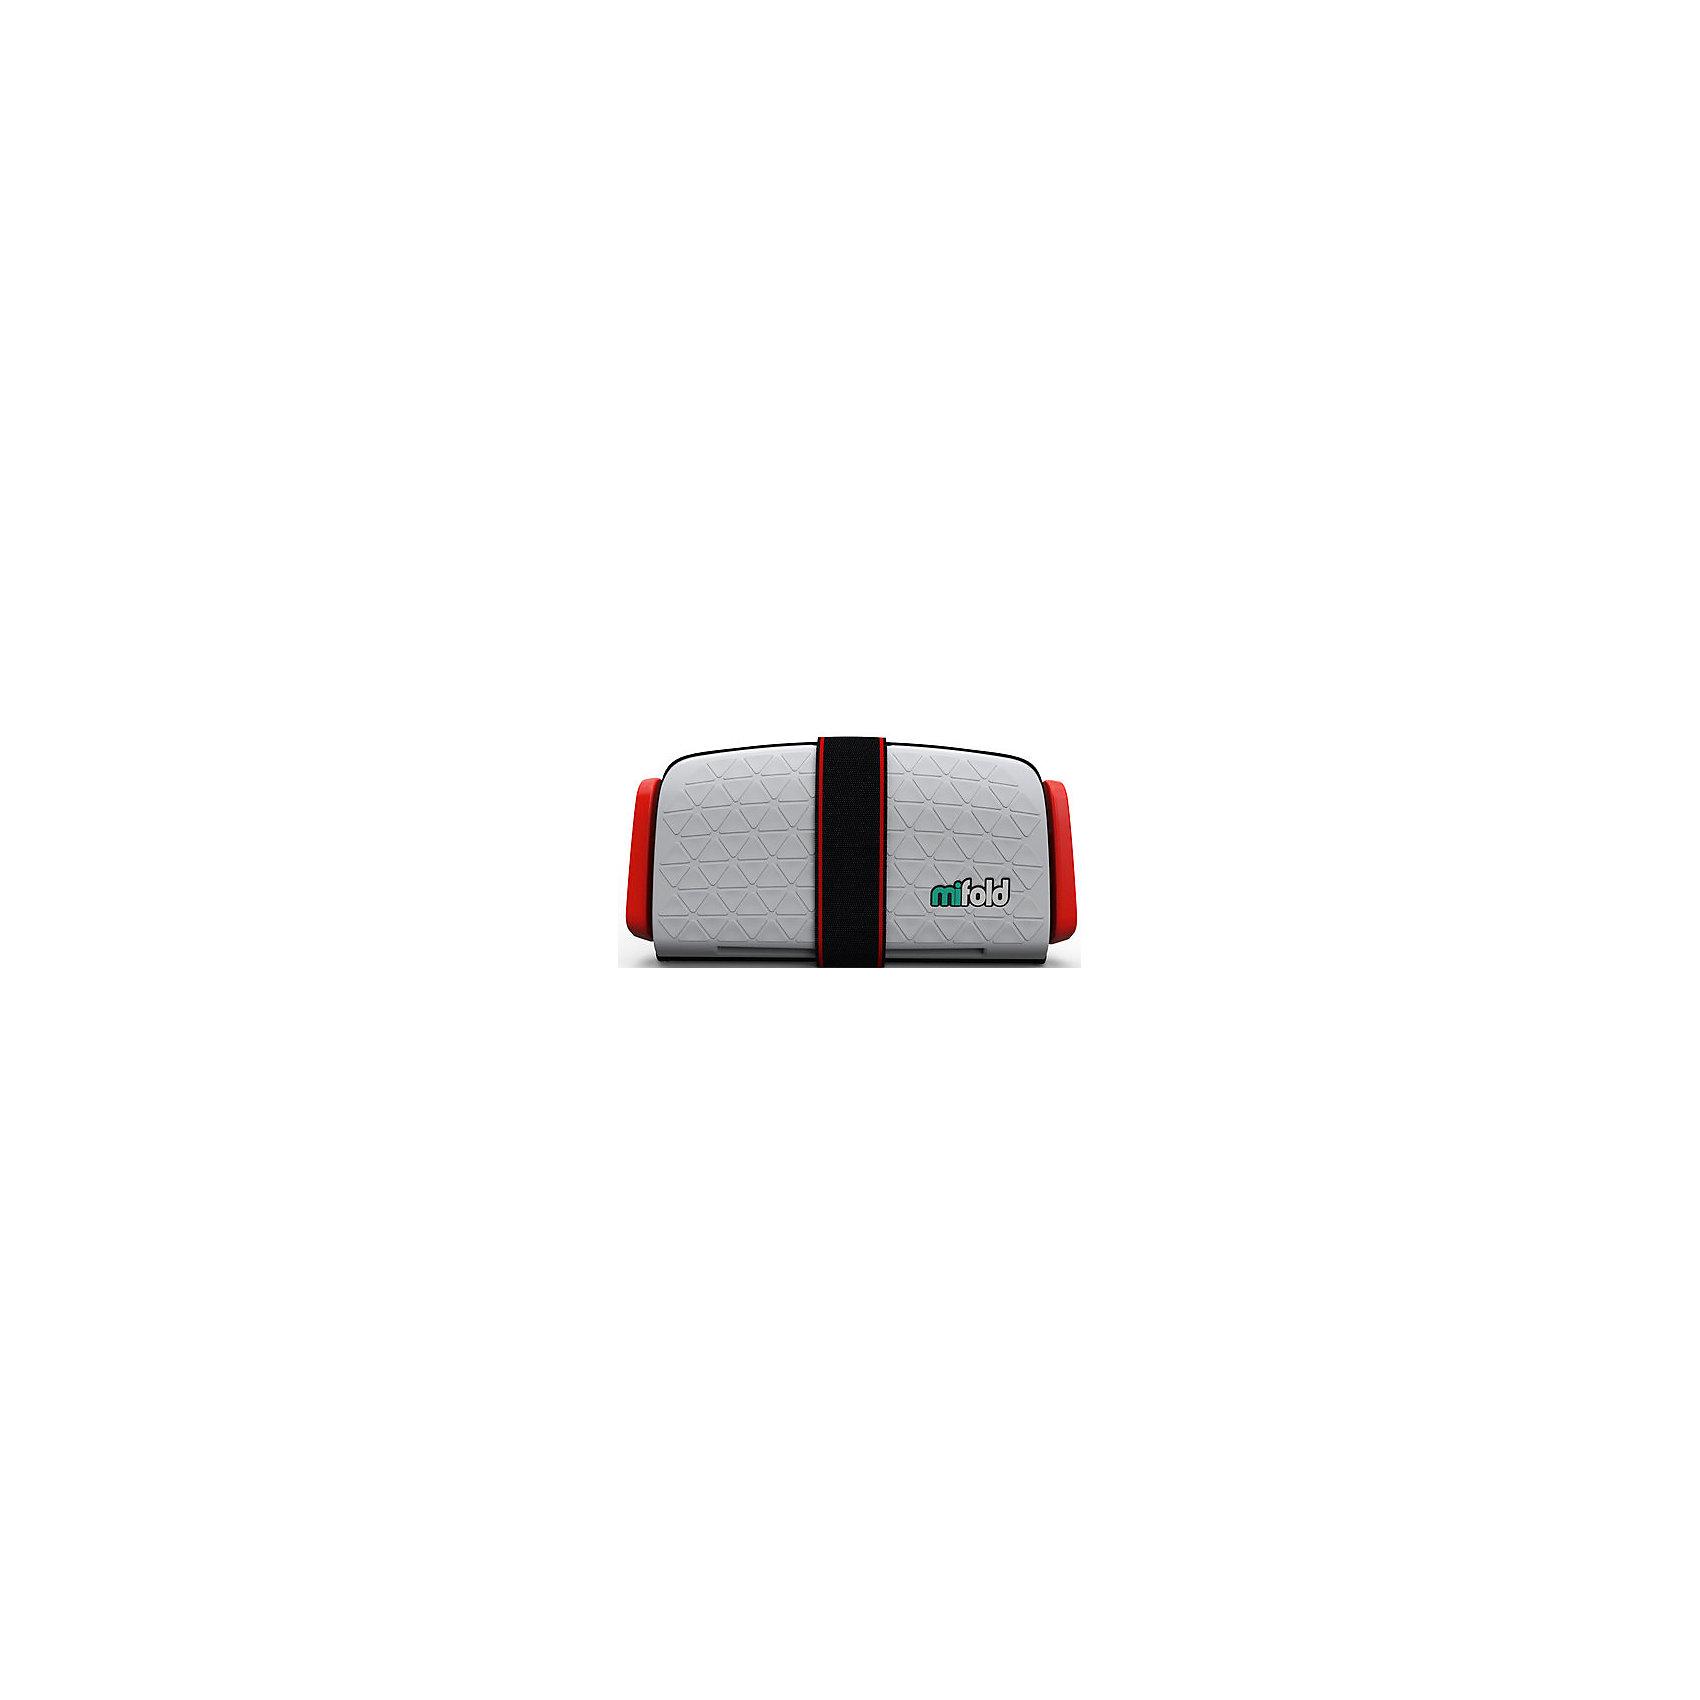 Автокресло-бустер Mifold 15-36 кг, pearl greyБустеры<br>Характеристики товара:<br><br>• цвет: серый;<br>• возраст: от 4 до 12 лет;<br>• в сложенном виде легко поместится в бардачок автомобиля;<br>• в разложенном виде имеет габариты в 10 раз меньше, чем стандартные бустеры других брендов;<br>• легко и быстро складывается до размеров 25.5х12.7 см;<br>• корпус бустера Mifold выполнен из алюминия марки 6061 и выдерживает сильнейшие нагрузки во время столкновения;<br>• вес: 750гр.;<br>• три положения ширины натяжителей ремней и возможность полностью менять высоту ремня, чтобы он проходил ровно по плечу ребенка;<br>• практичный в чистке: достаточно вымыть мыльным раствором и высушить.<br>• страна производства: Израиль.<br><br>Детское портативное автокресло-бустер Mifold - поистине уникальная находка для мобильных родителей. Этот невероятно компактный бустер имеет массу преимуществ и является уникальным в данной возрастной группе (4-12 лет).<br><br>Автокресло-бустер Mifold 15-36 кг можно купить в нашем интернет-магазине.<br><br>Ширина мм: 167<br>Глубина мм: 252<br>Высота мм: 72<br>Вес г: 950<br>Цвет: серый<br>Возраст от месяцев: 48<br>Возраст до месяцев: 144<br>Пол: Унисекс<br>Возраст: Детский<br>SKU: 6878754